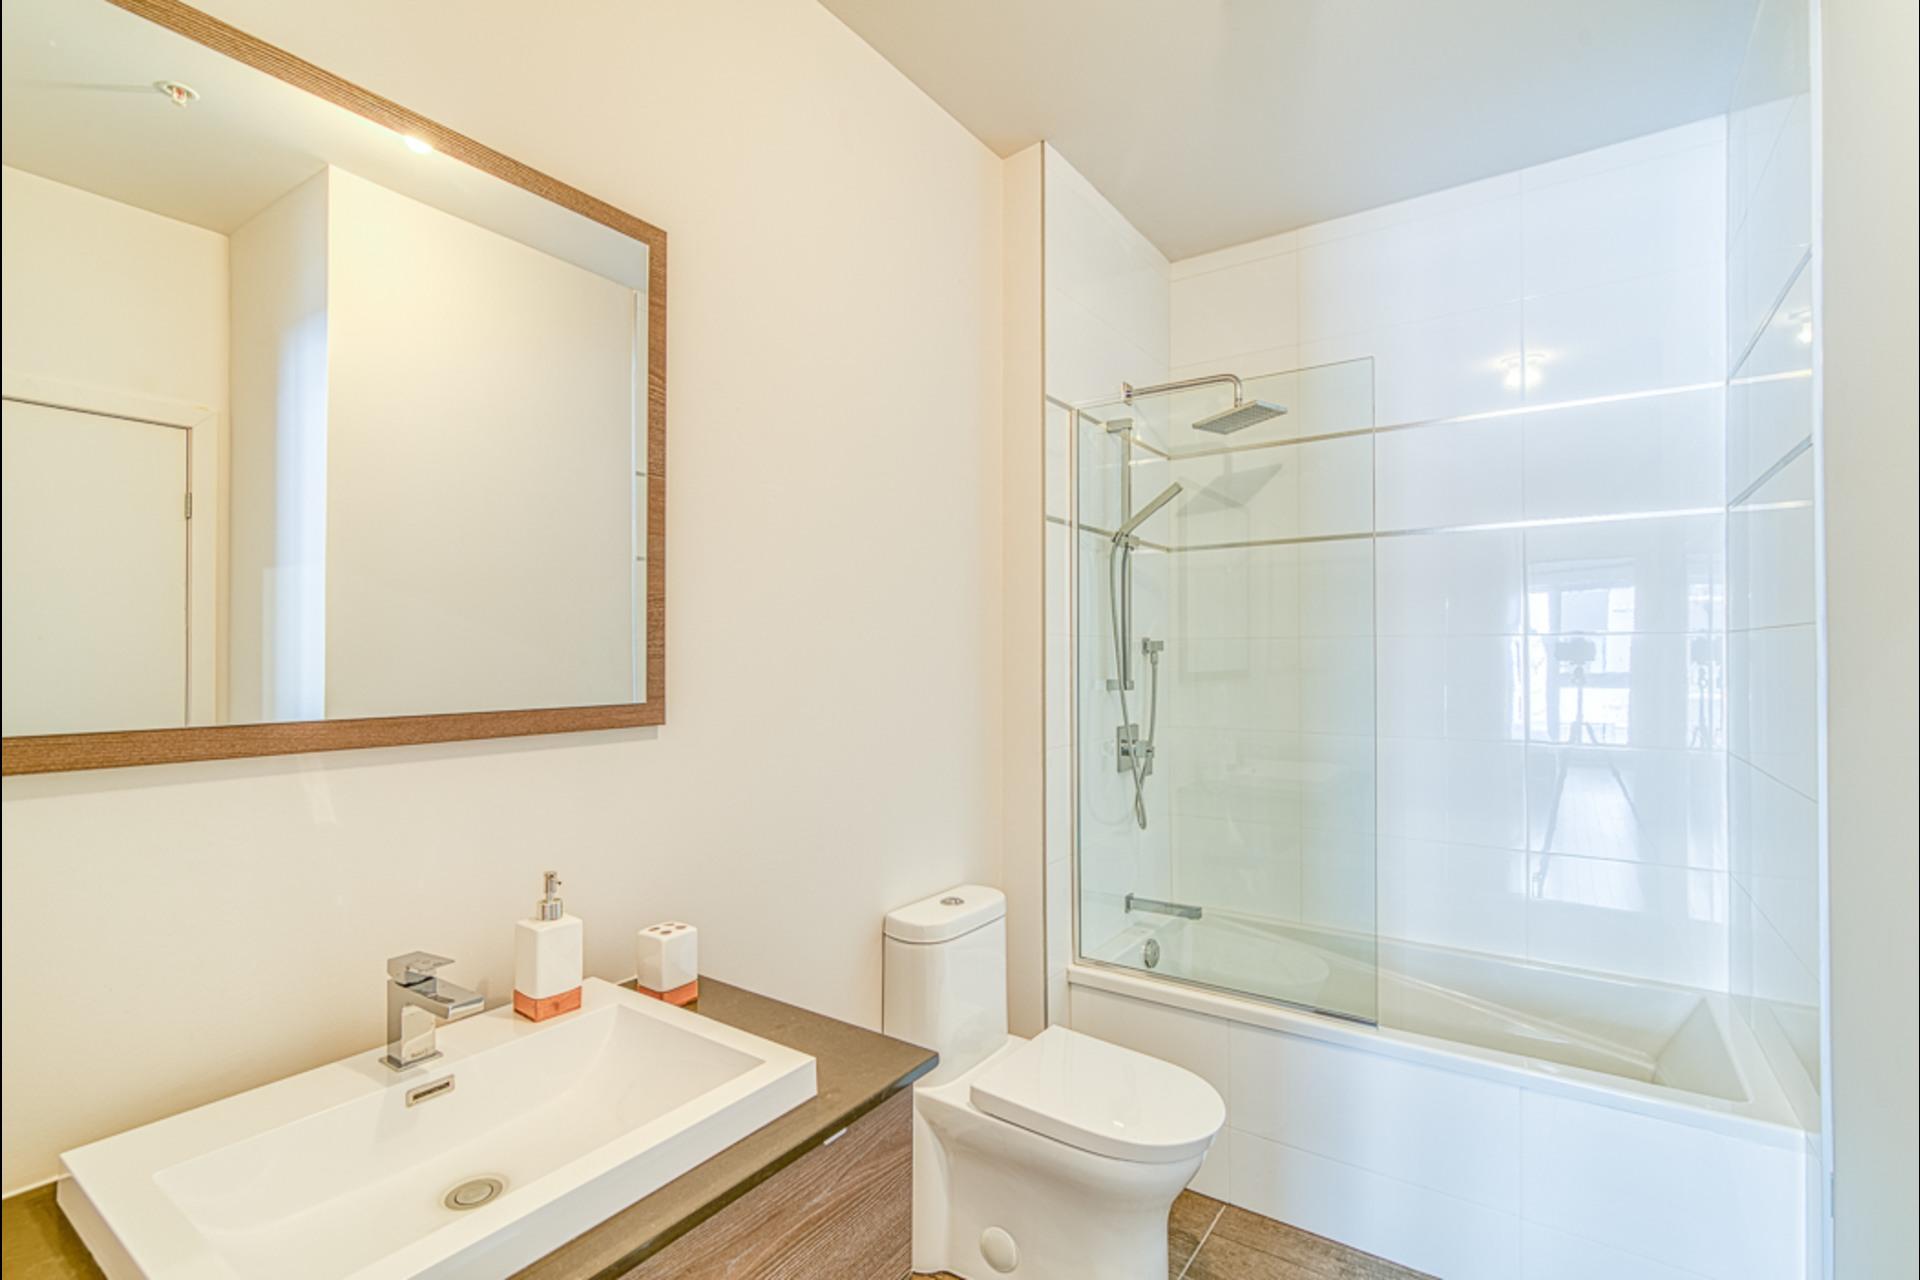 image 17 - MX - Condominio vertical - MX Para alquiler Montréal - 3 habitaciones